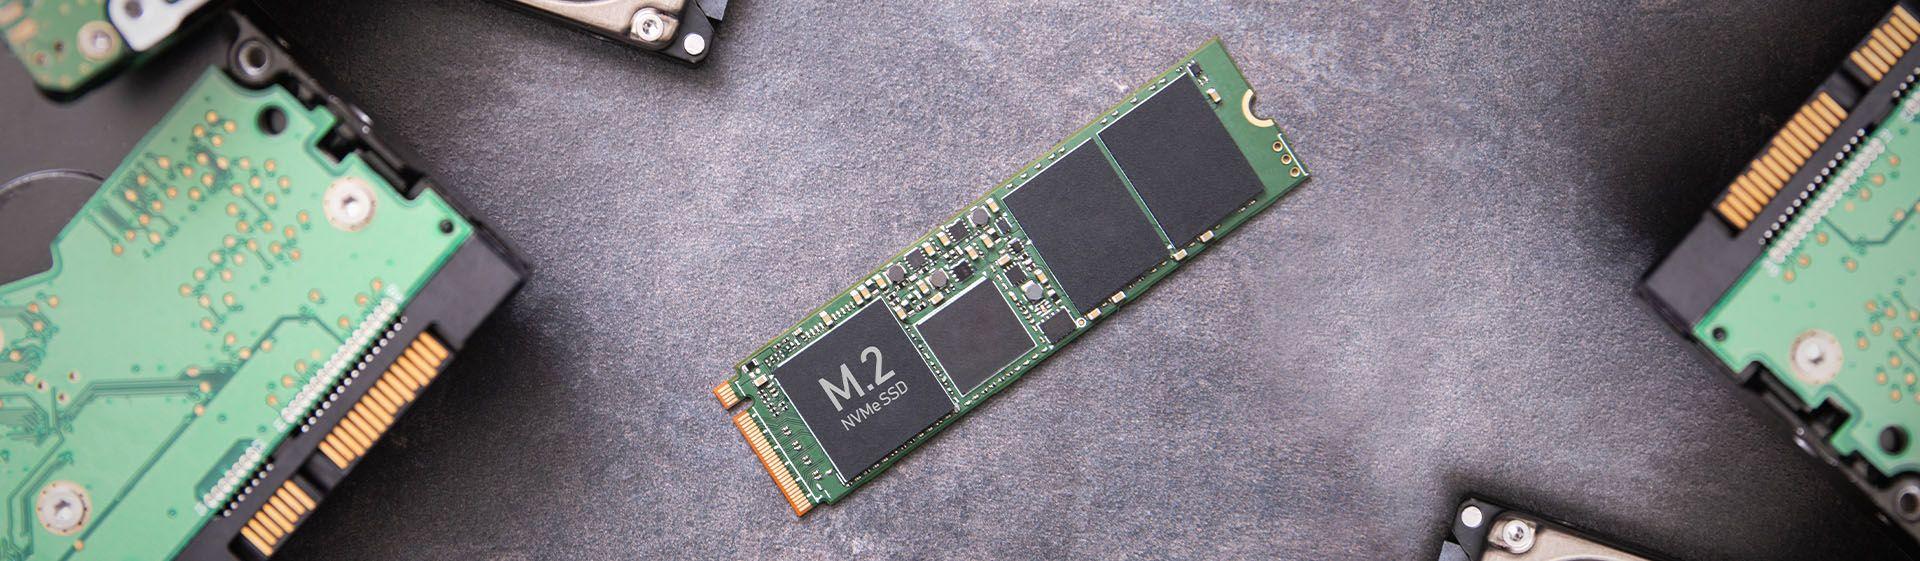 Notebook com SSD: veja os melhores modelos para comprar em 2020